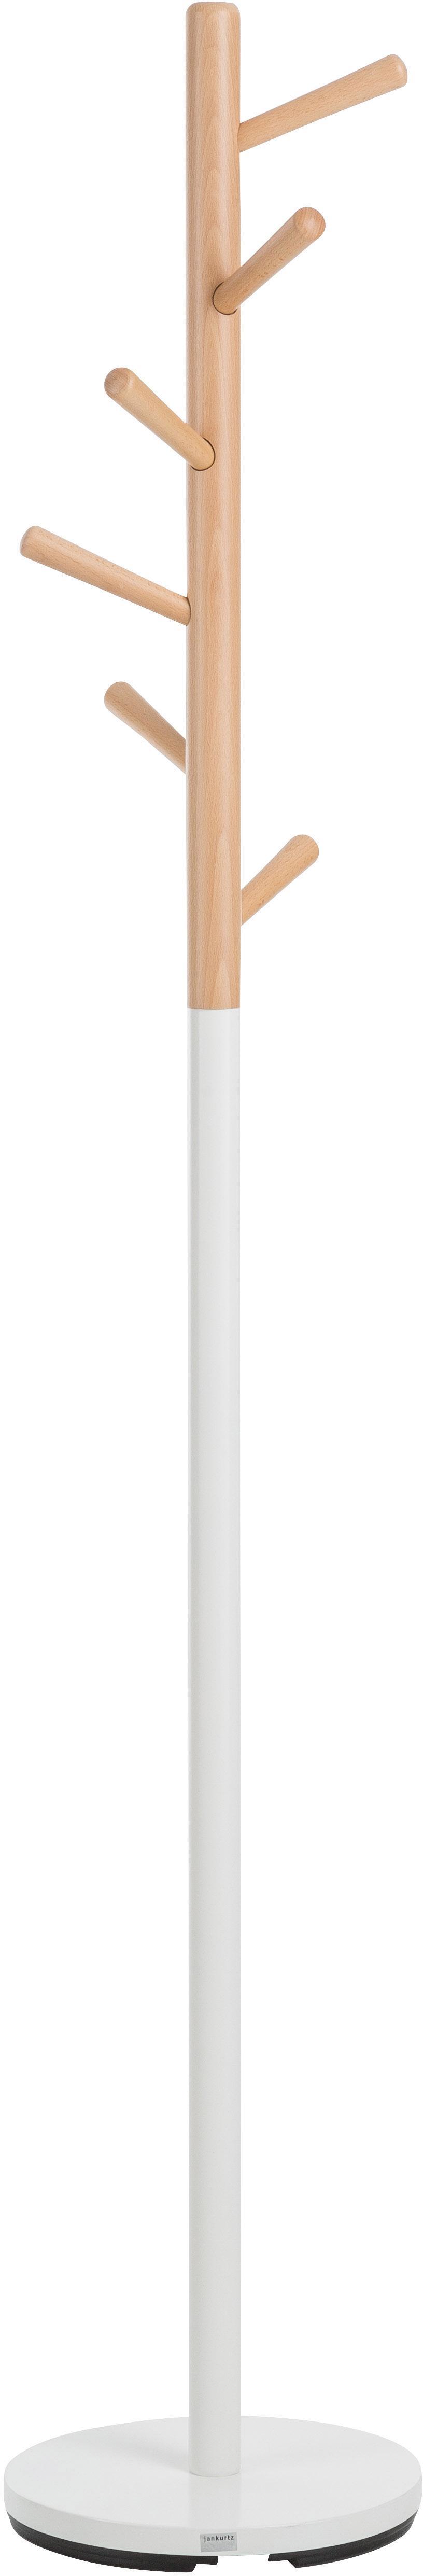 Wieszak stojący Kent, Biały, drewno bukowe, Ø 32 x W 182 cm